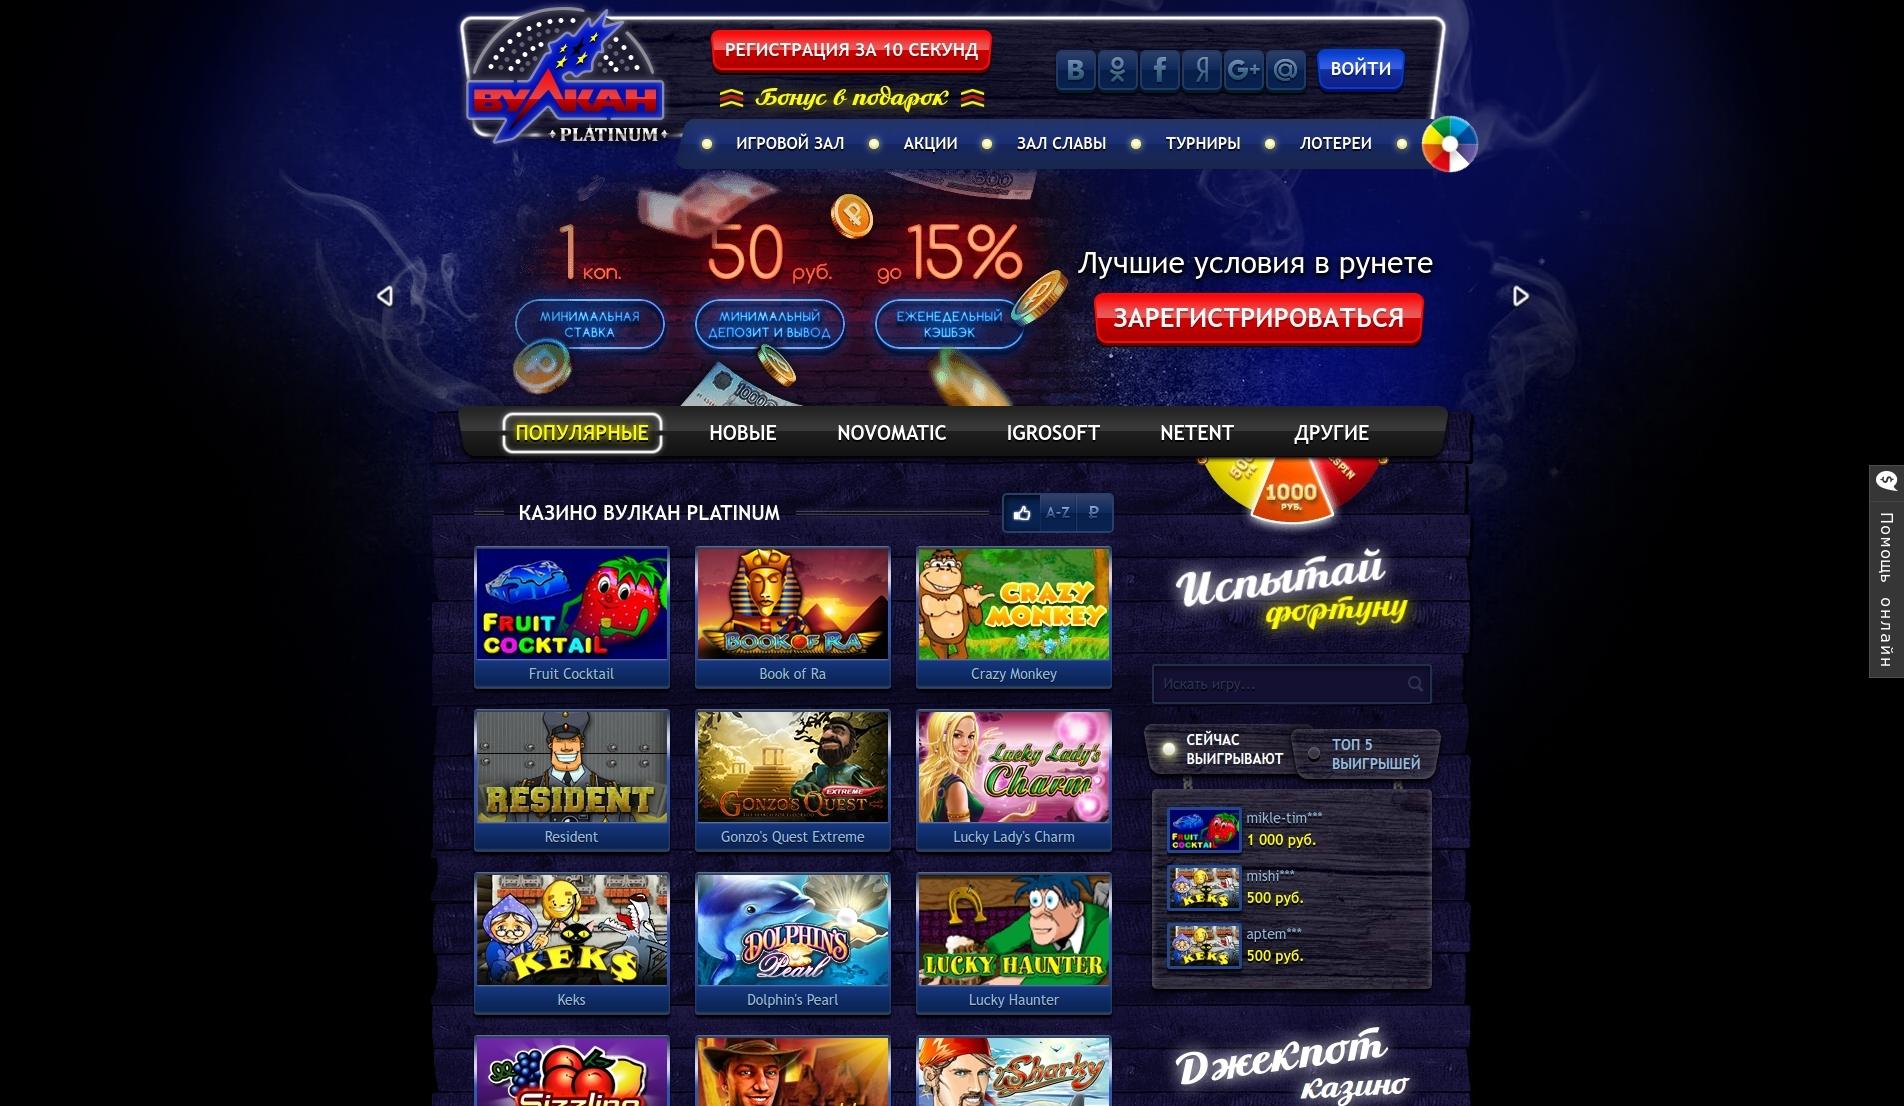 Вулкан платинум игровые автоматы онлайн клуб вулкан